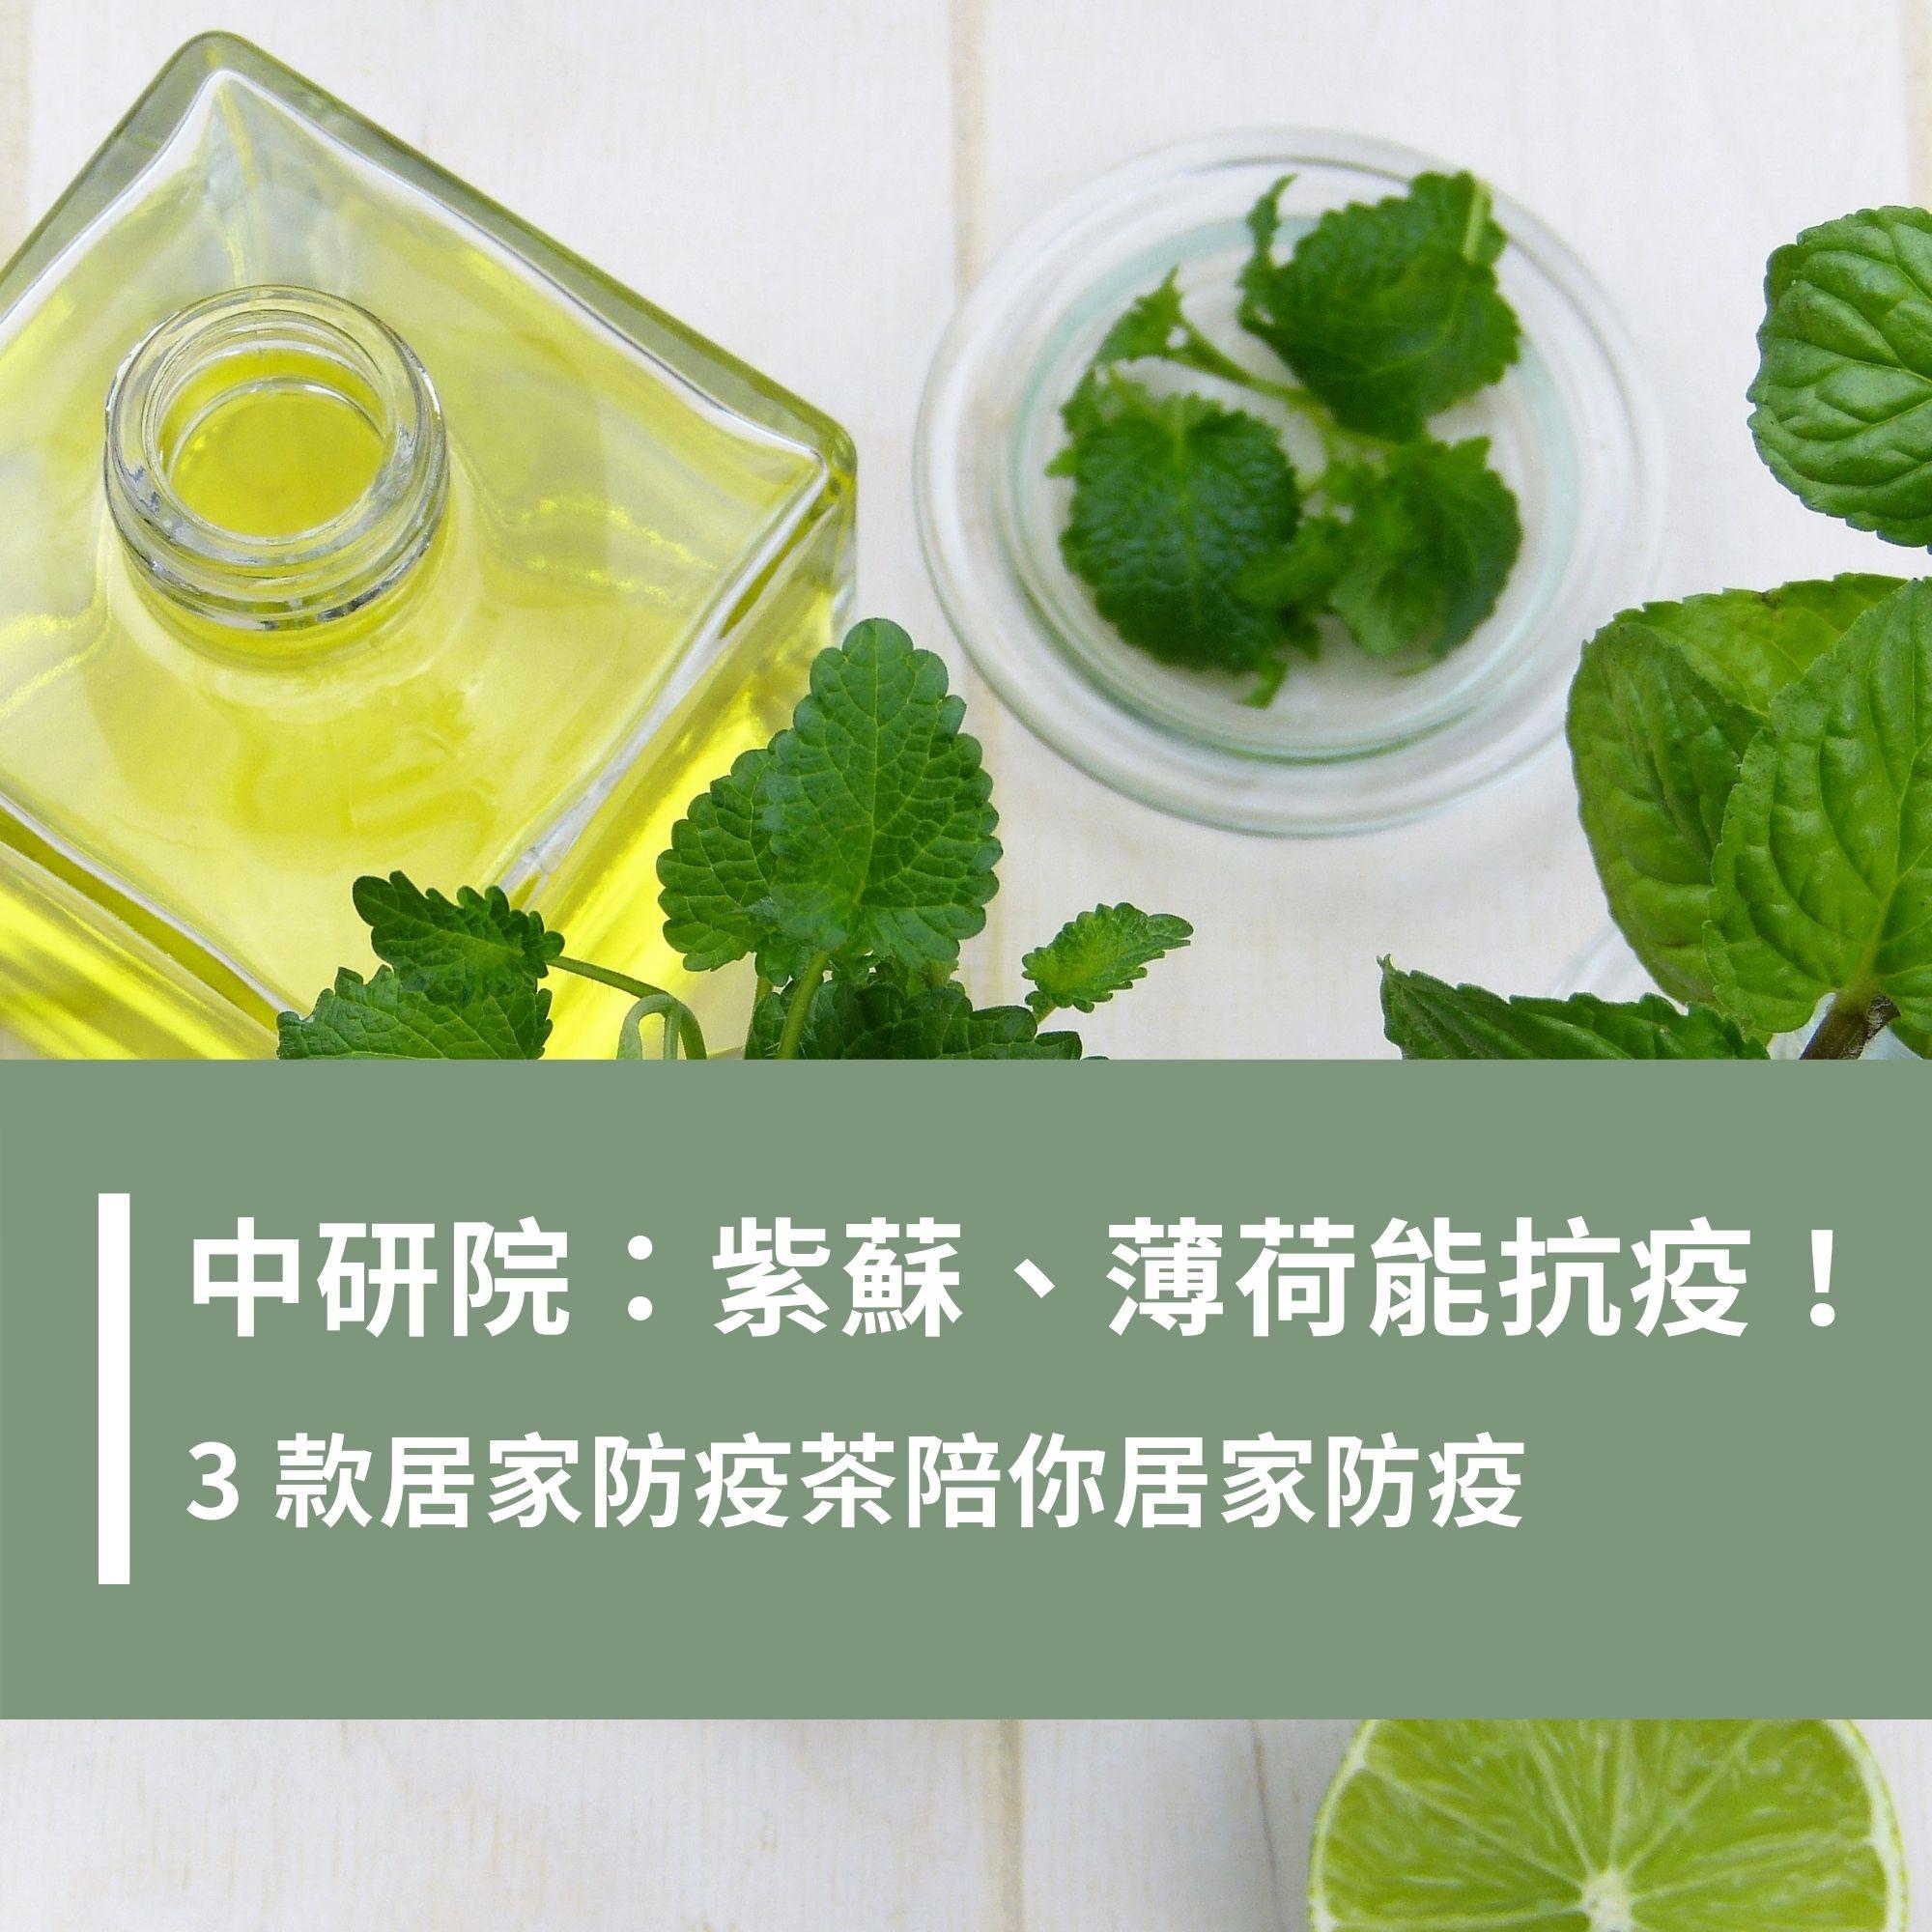 中研院證實:紫蘇、薄荷能抗疫!3 款居家防疫茶陪你居家防疫